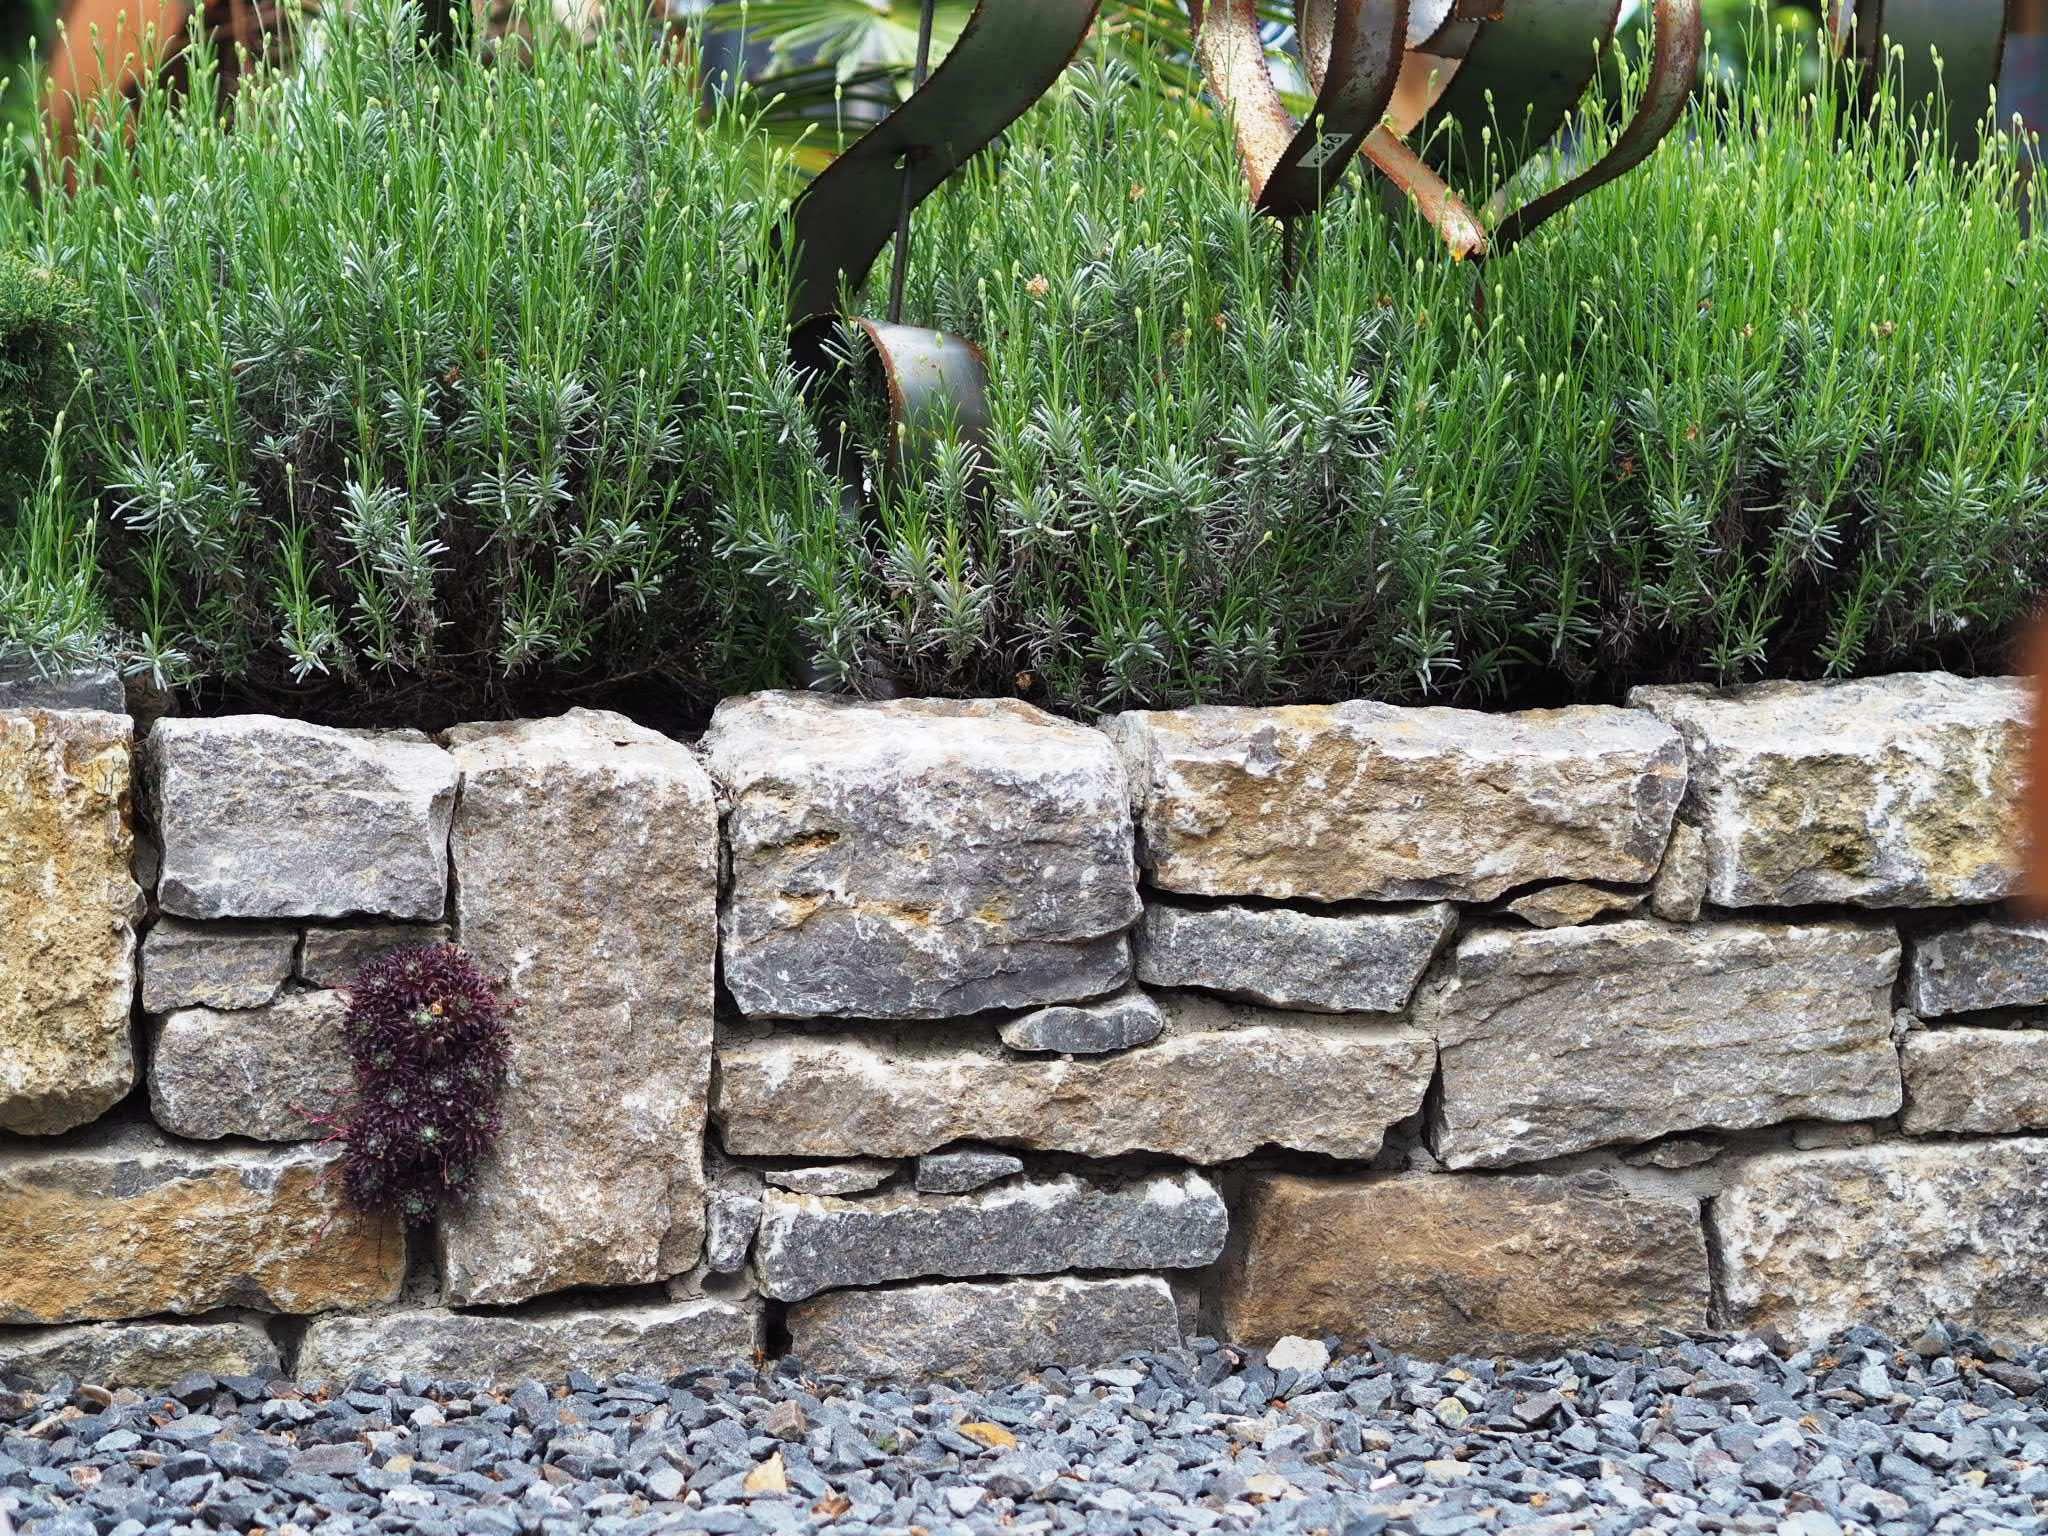 Muschelkalk Natursteinmauer Moderne Gartengestaltung Hochbeet Gartenumrandung Gartengestaltung Hochbeet Natursteine Garten Natursteinmauer